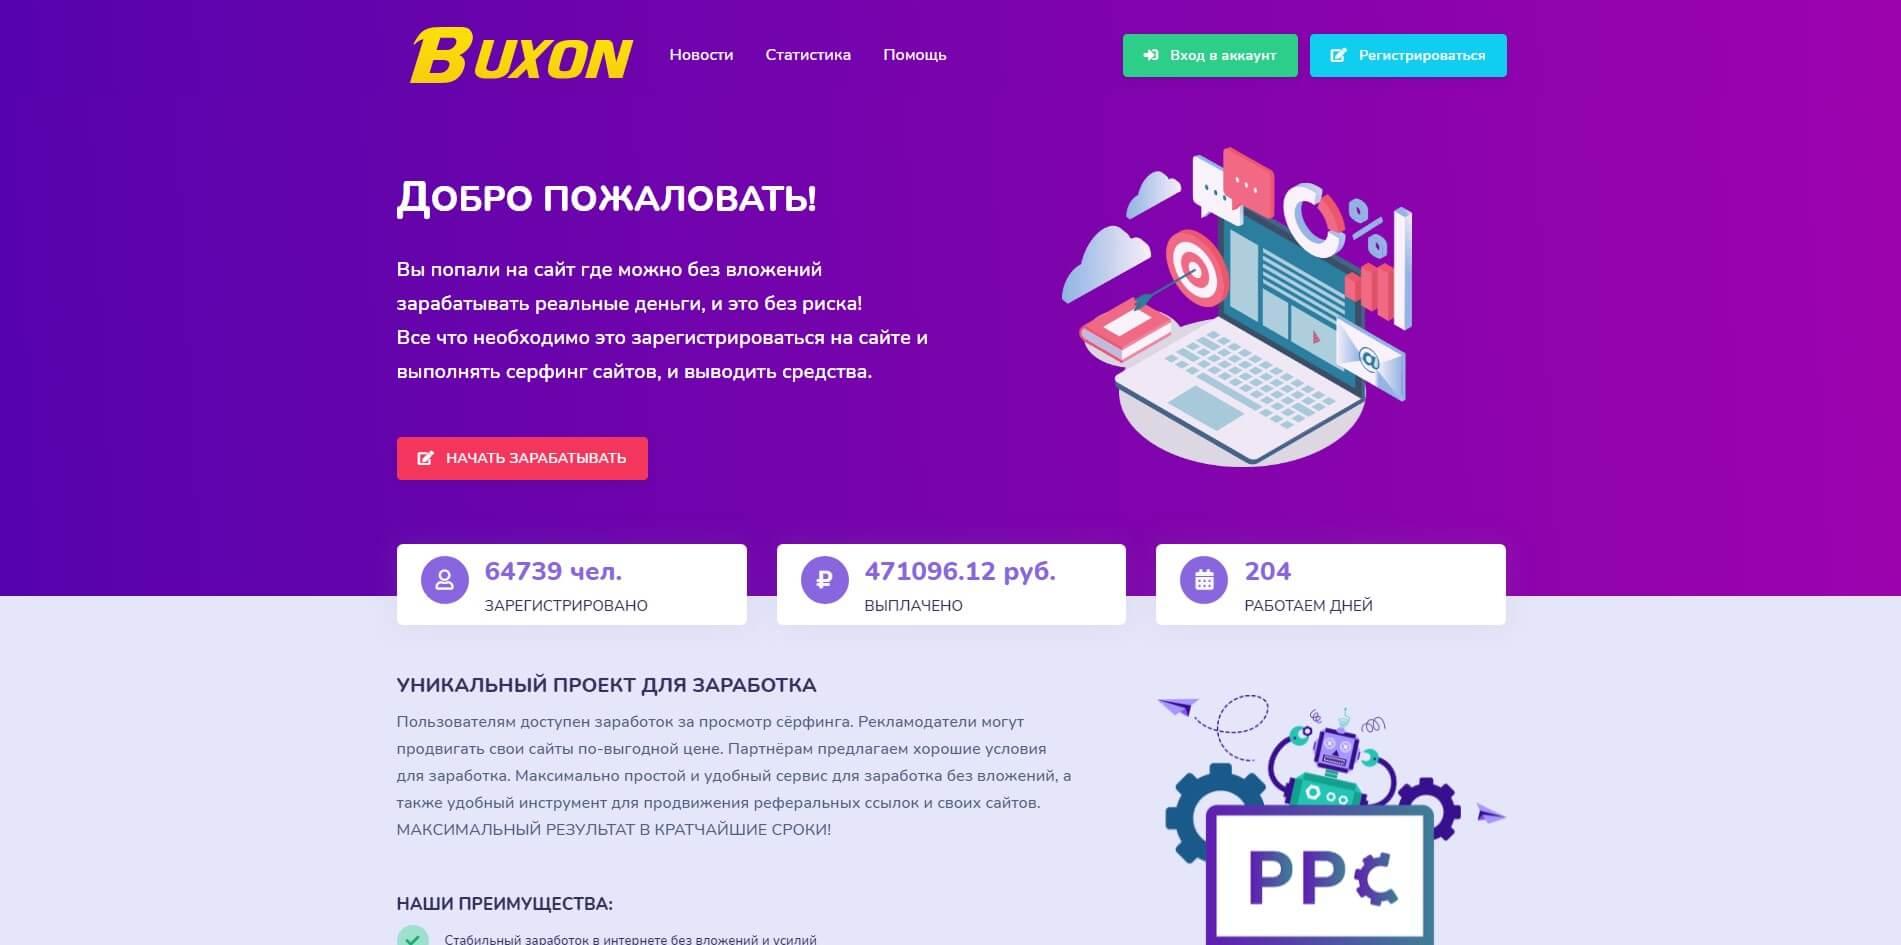 sajty-kotorye-platyat-za-prosmotr-reklamy-buxon-net